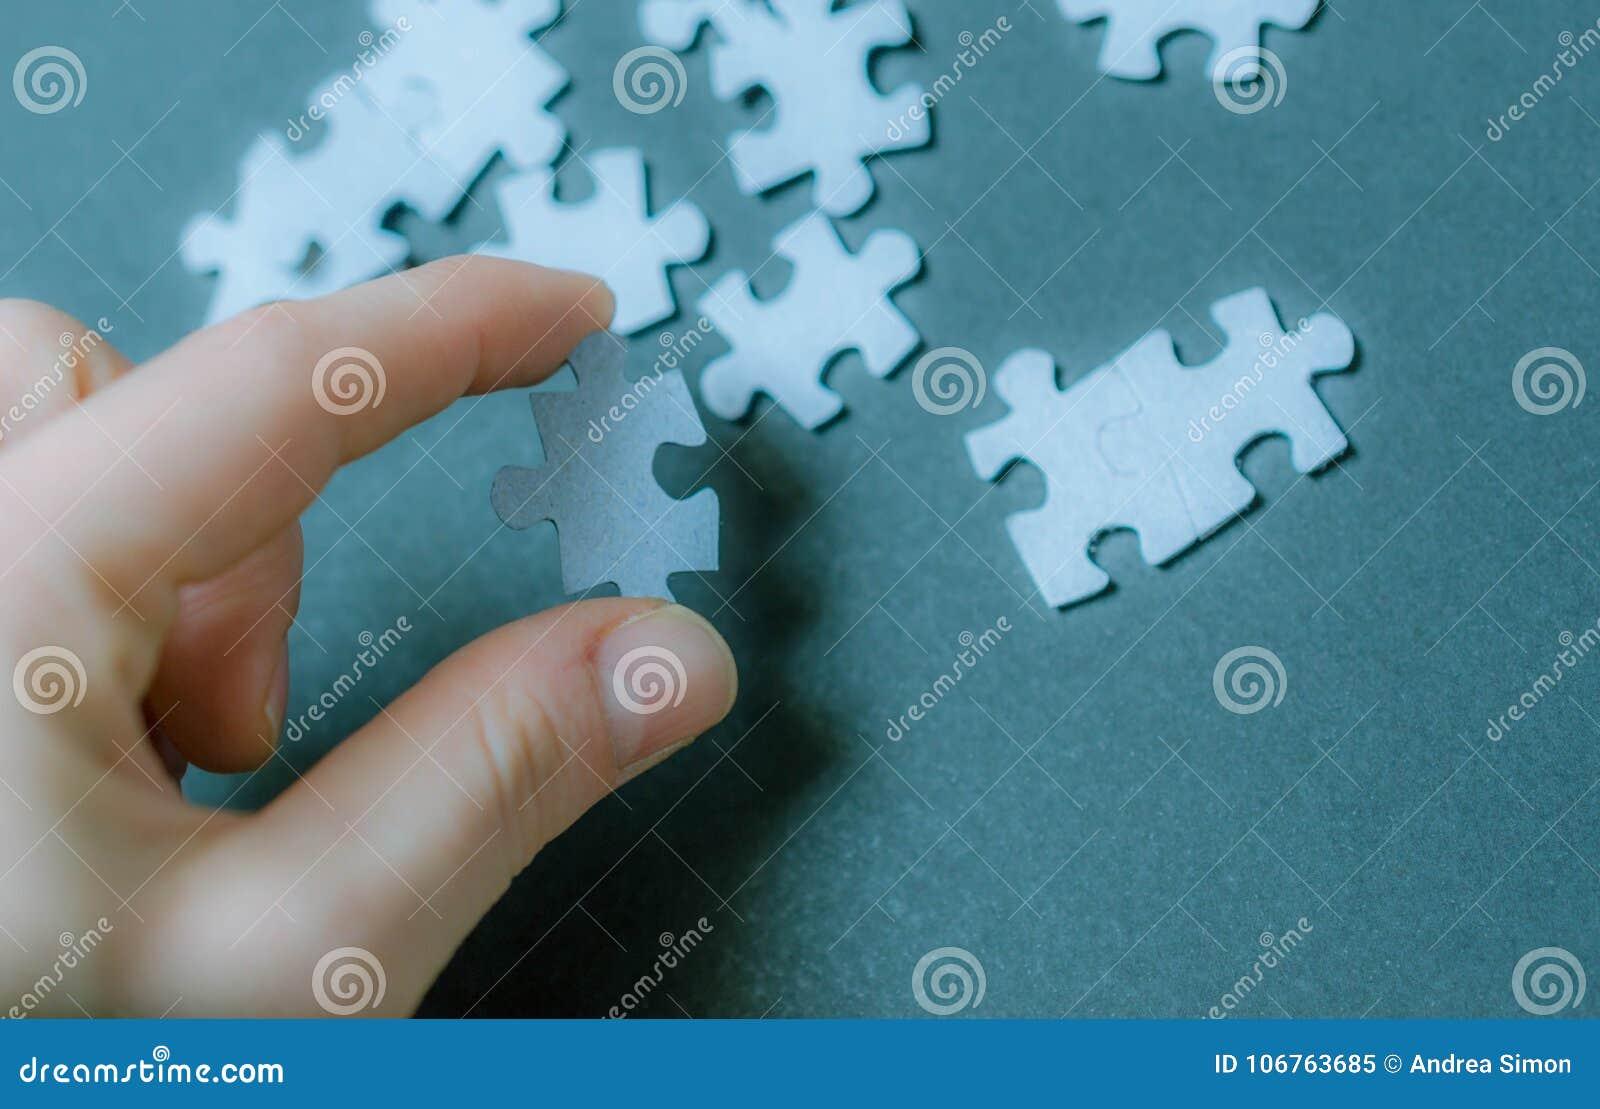 Часть головоломки в руке